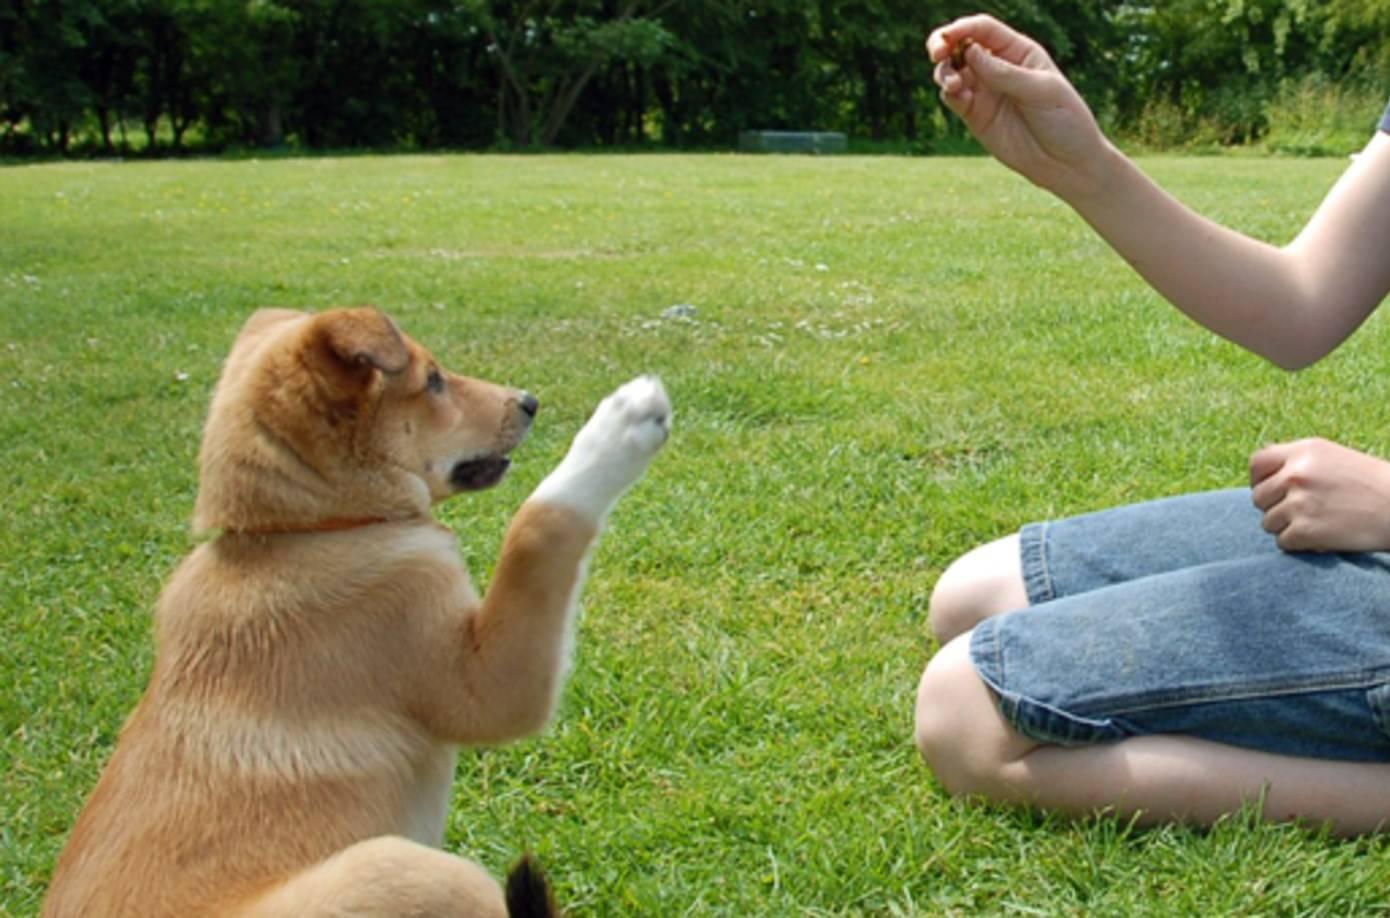 Дрессировка собаки: методы, команды, видео и советы кинологов